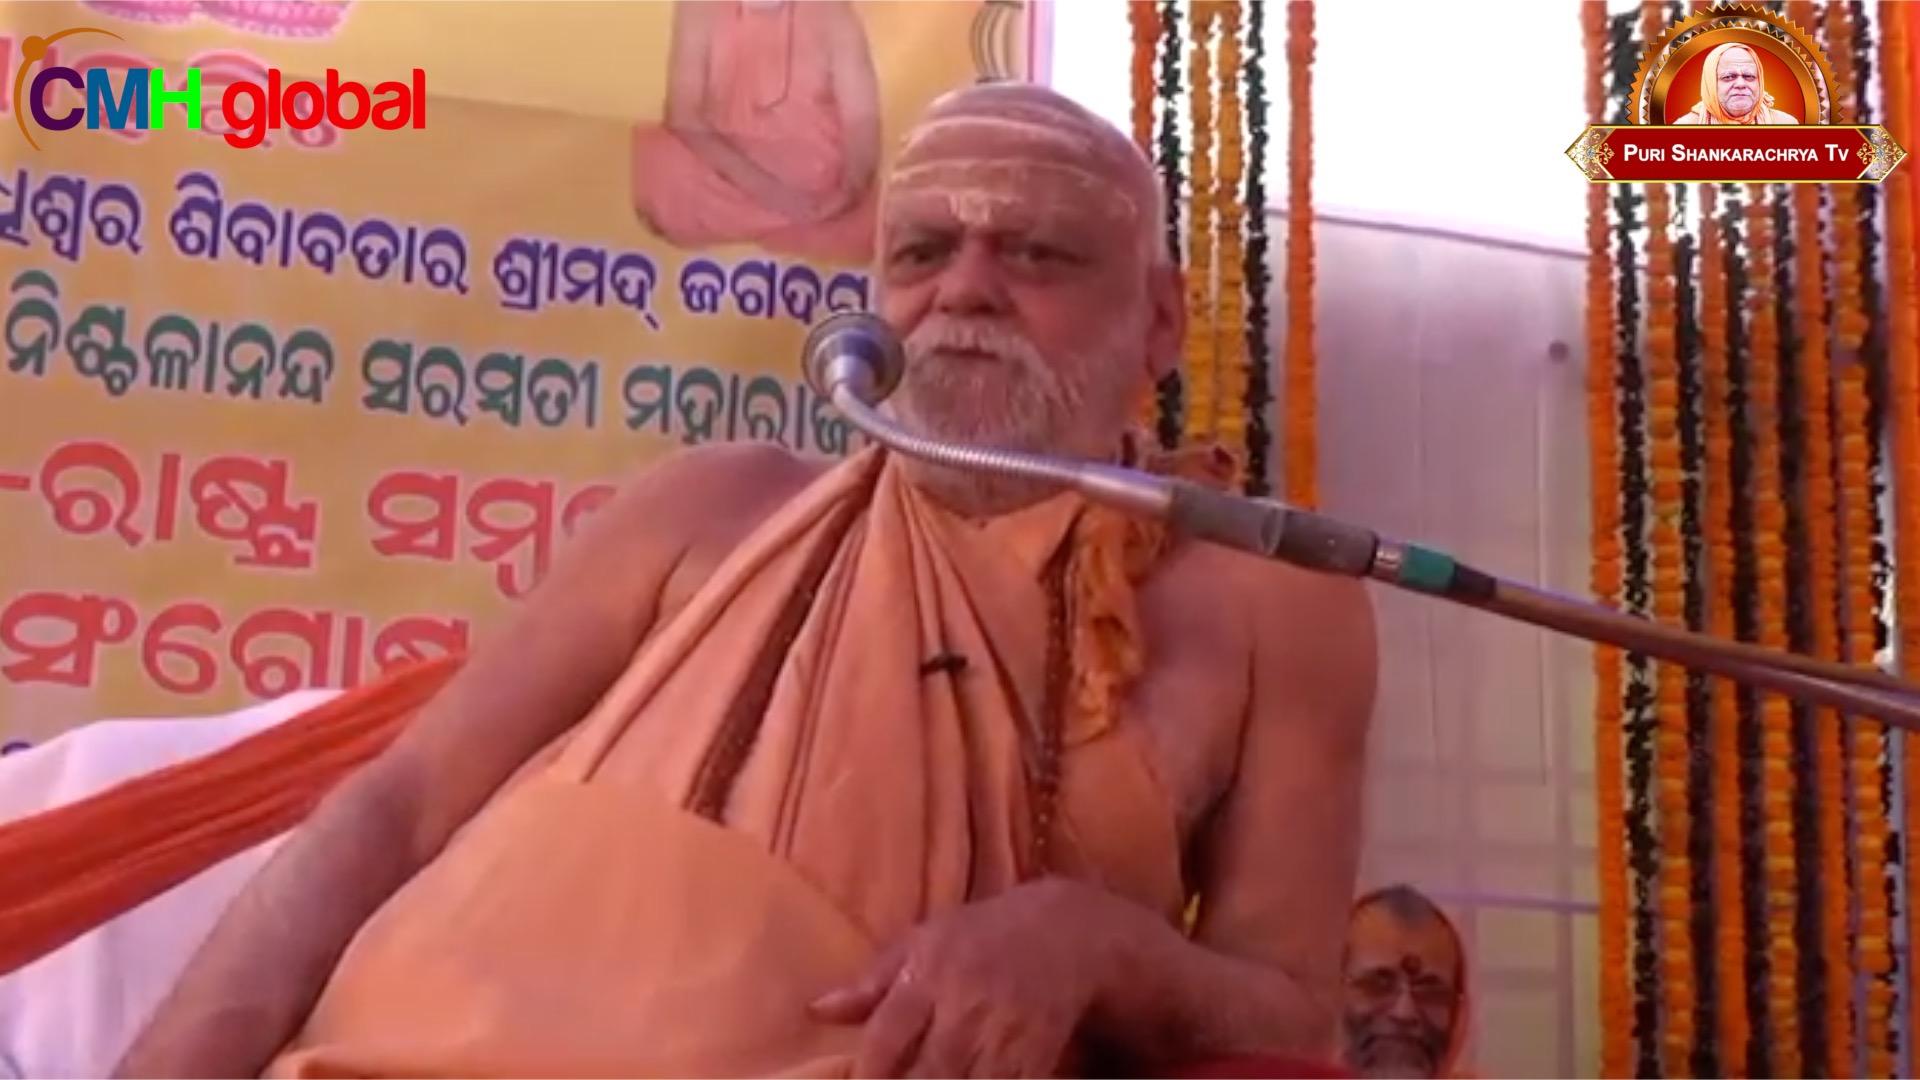 Gyan Dhara Ep -10 by Puri Shankaracharya Swami Nishchalananda Saraswati Ji